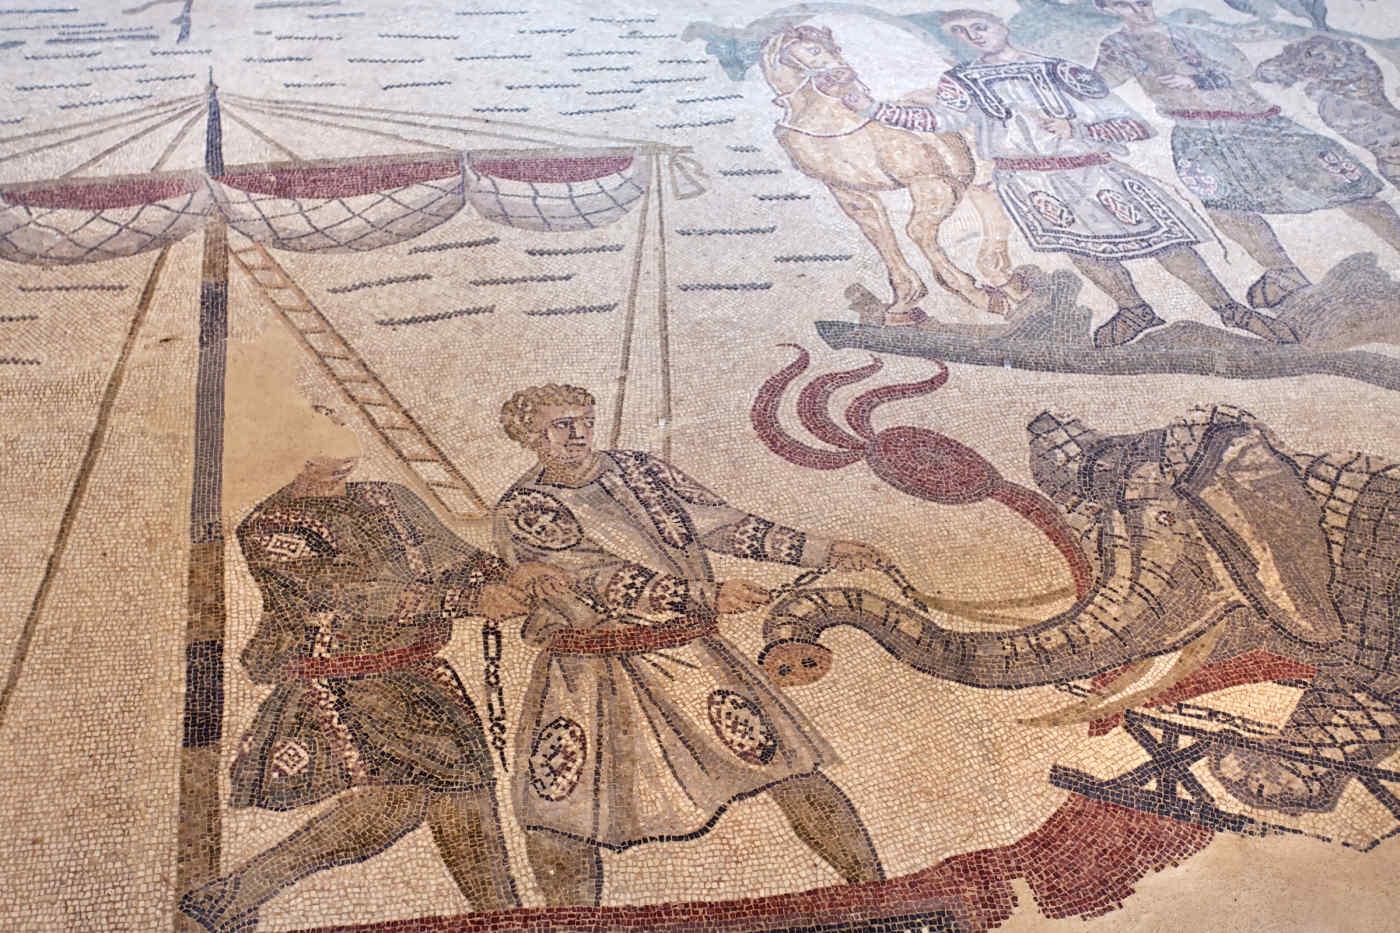 Mosaics of Villa Romana del Casale, Piazza Armerina